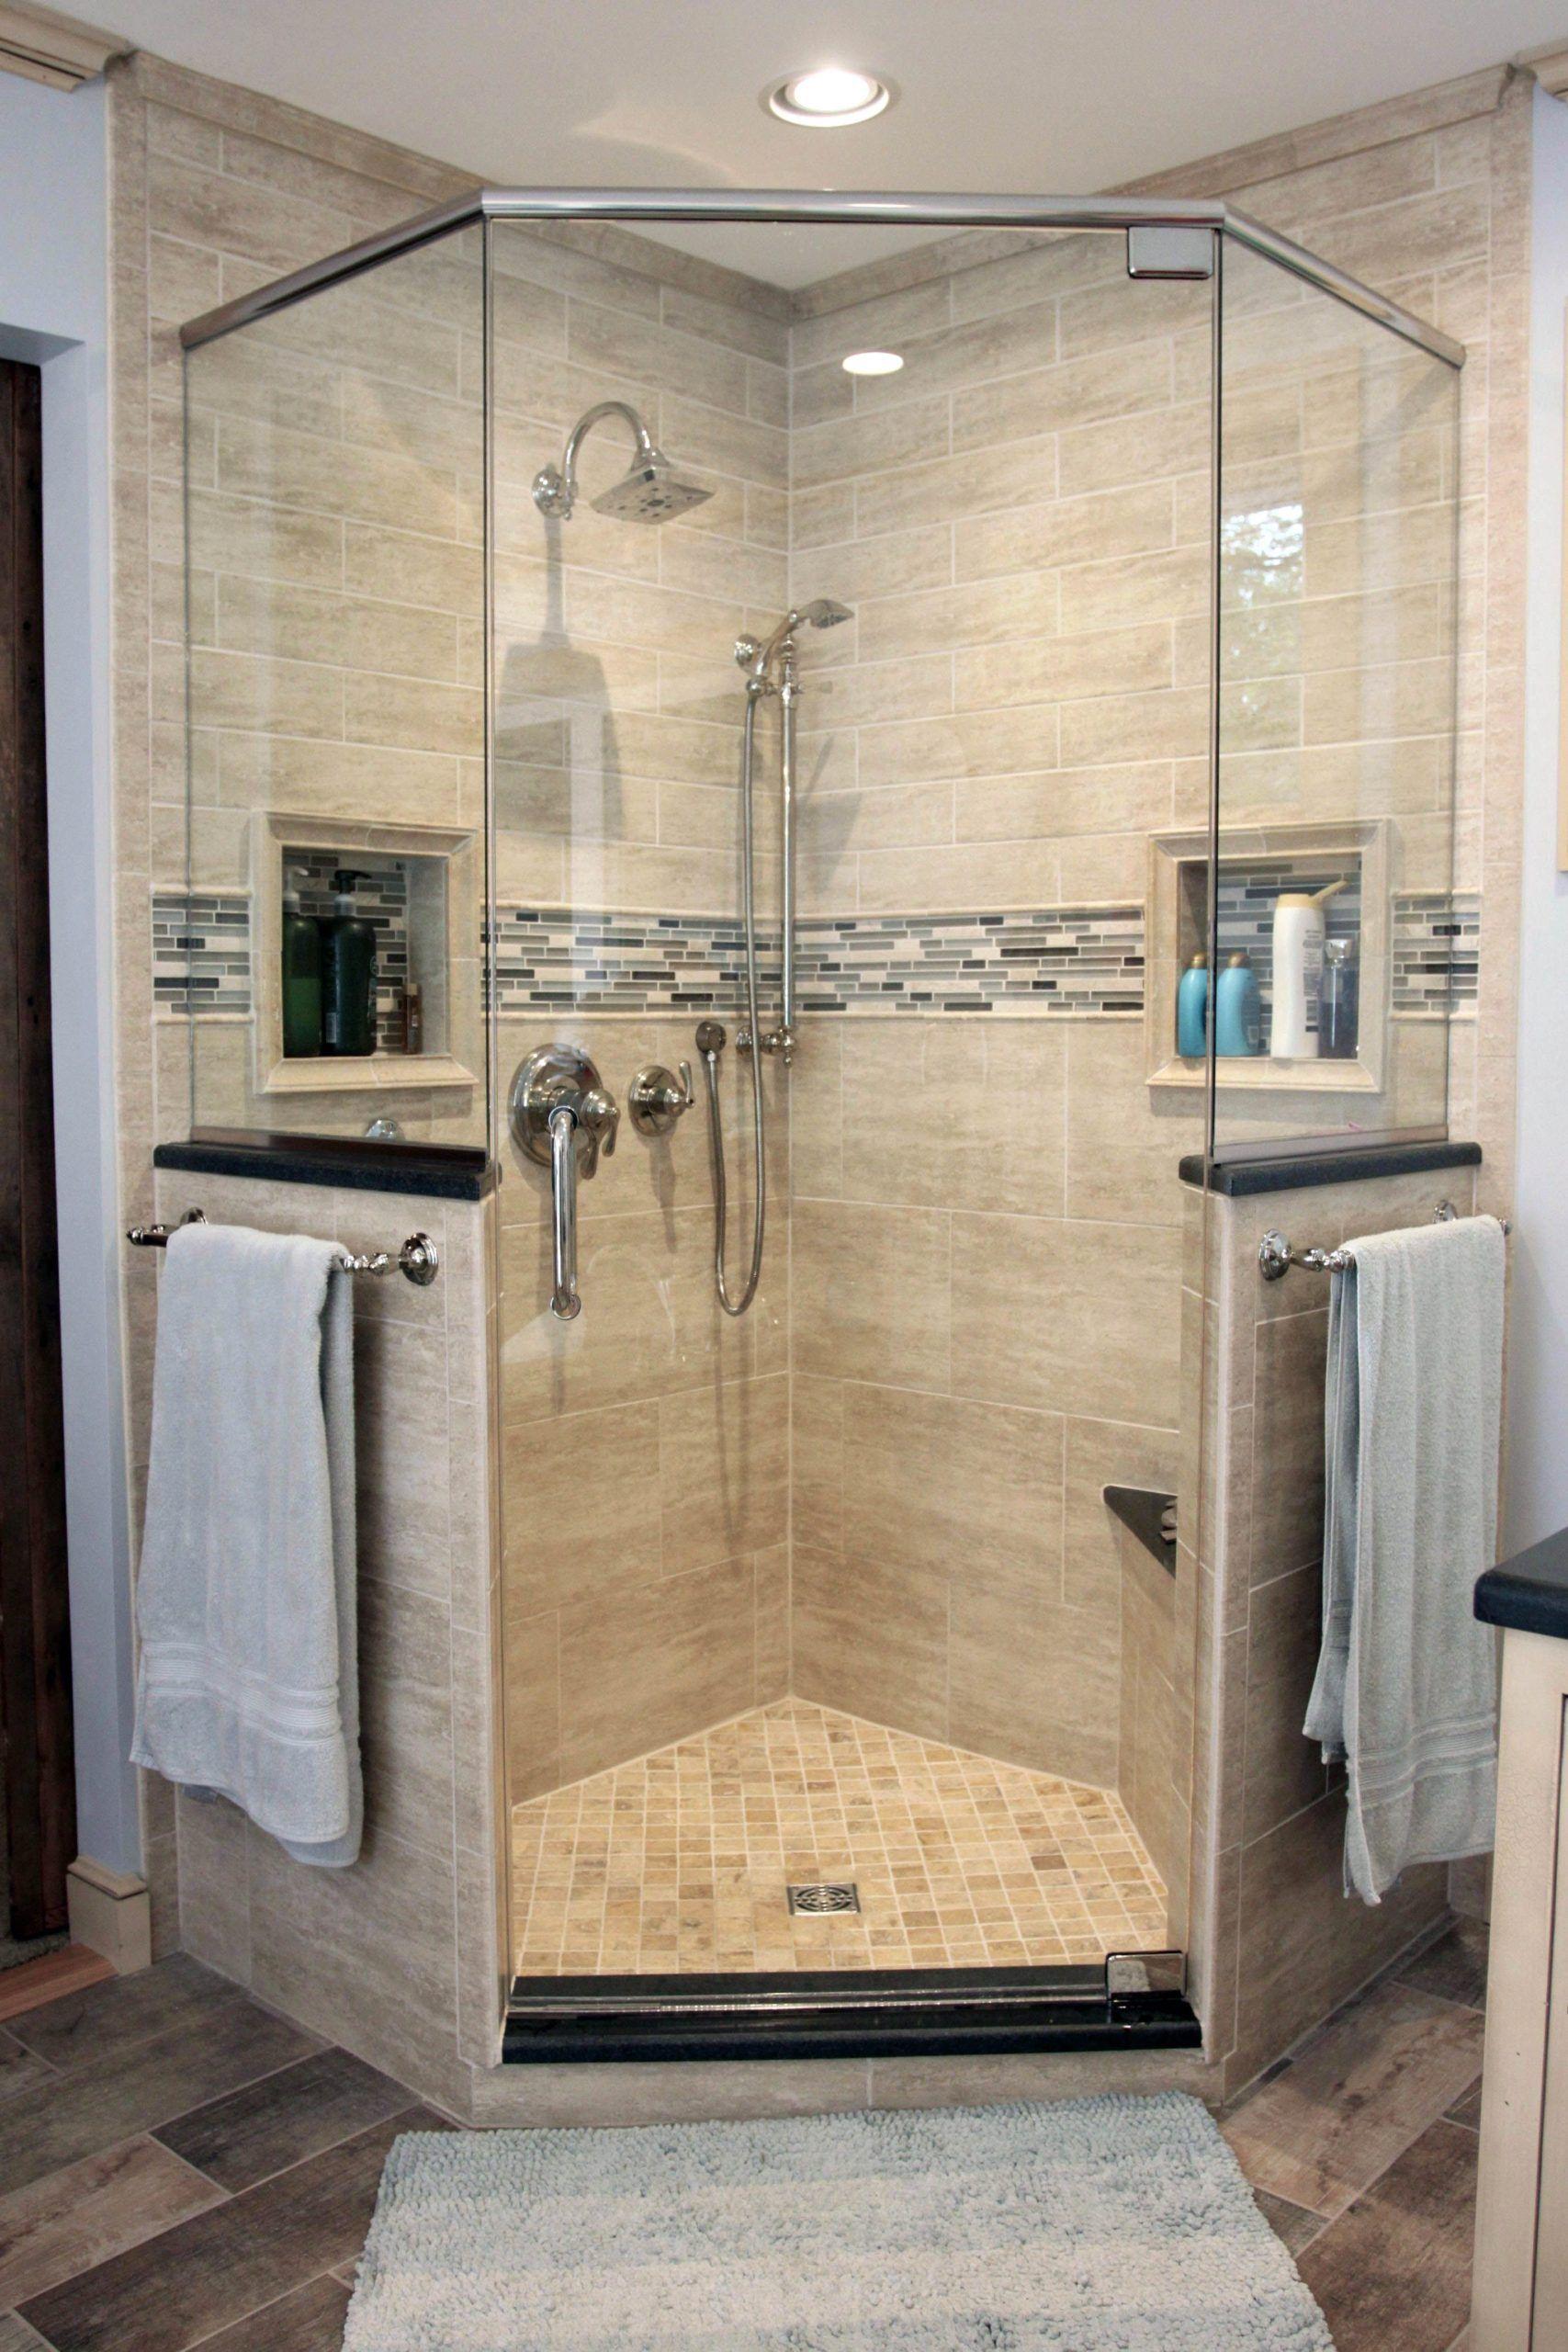 Bemerkenswerte Duschkabinenbasis Mit Sitz Exklusiv Auf Dhomedesign Com Eckduschen Dusche Umgestalten Badezimmer Renovieren